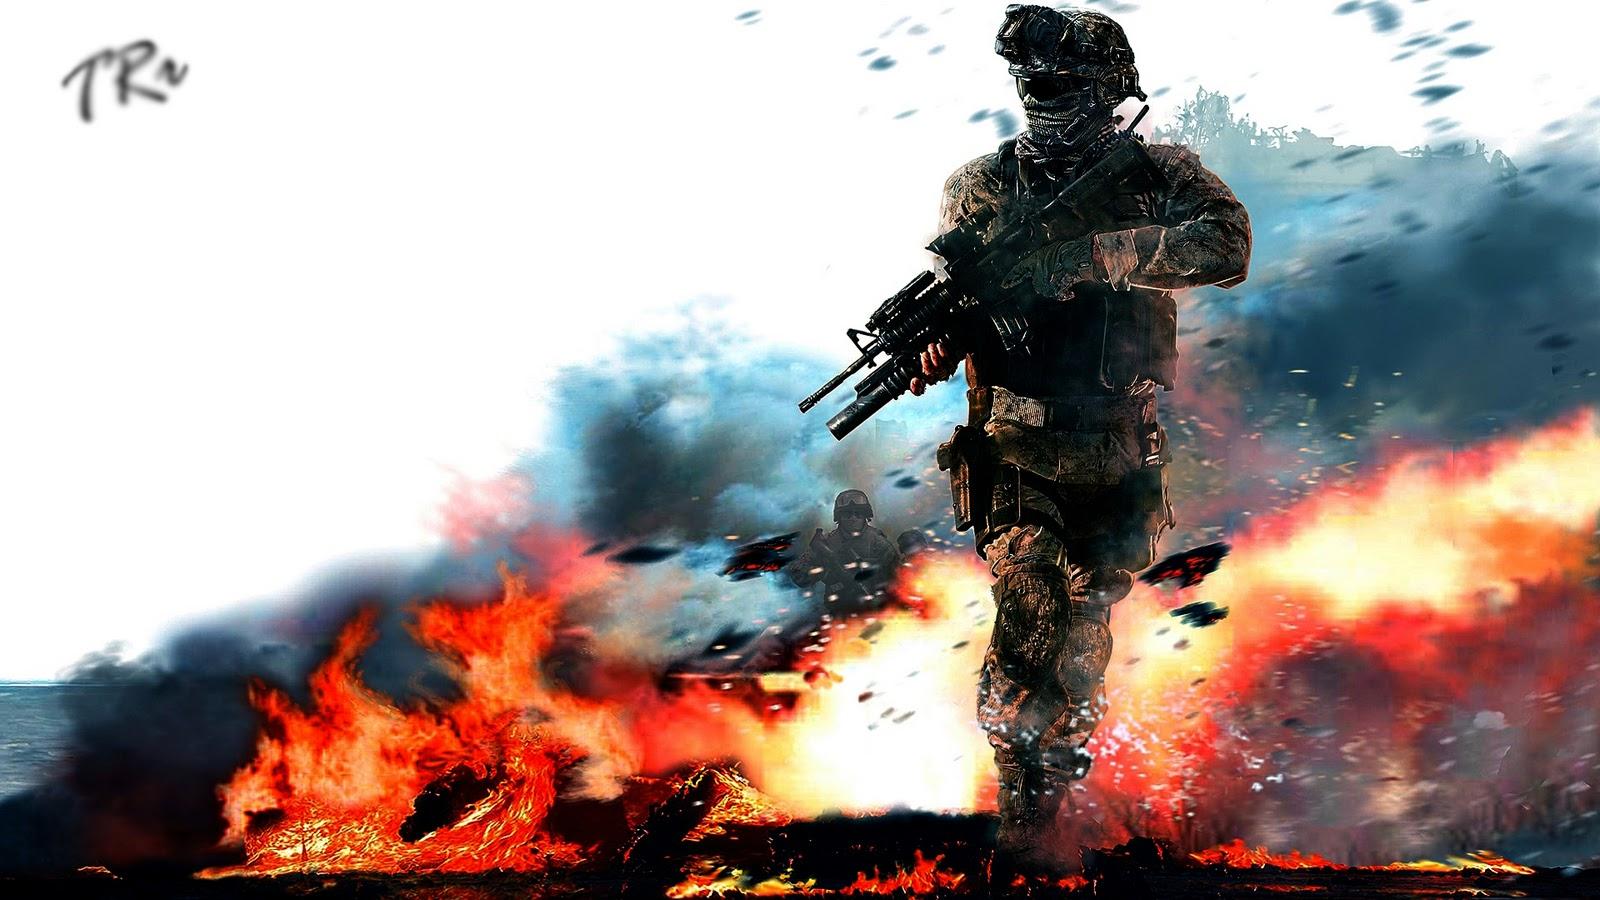 http://2.bp.blogspot.com/-Glpy4SClmIU/TZXeP-I8cXI/AAAAAAAADQE/RAE0oDJ8YR0/s1600/Call_of_Duty_Black_Ops_HD_Wallpapers_5.jpg